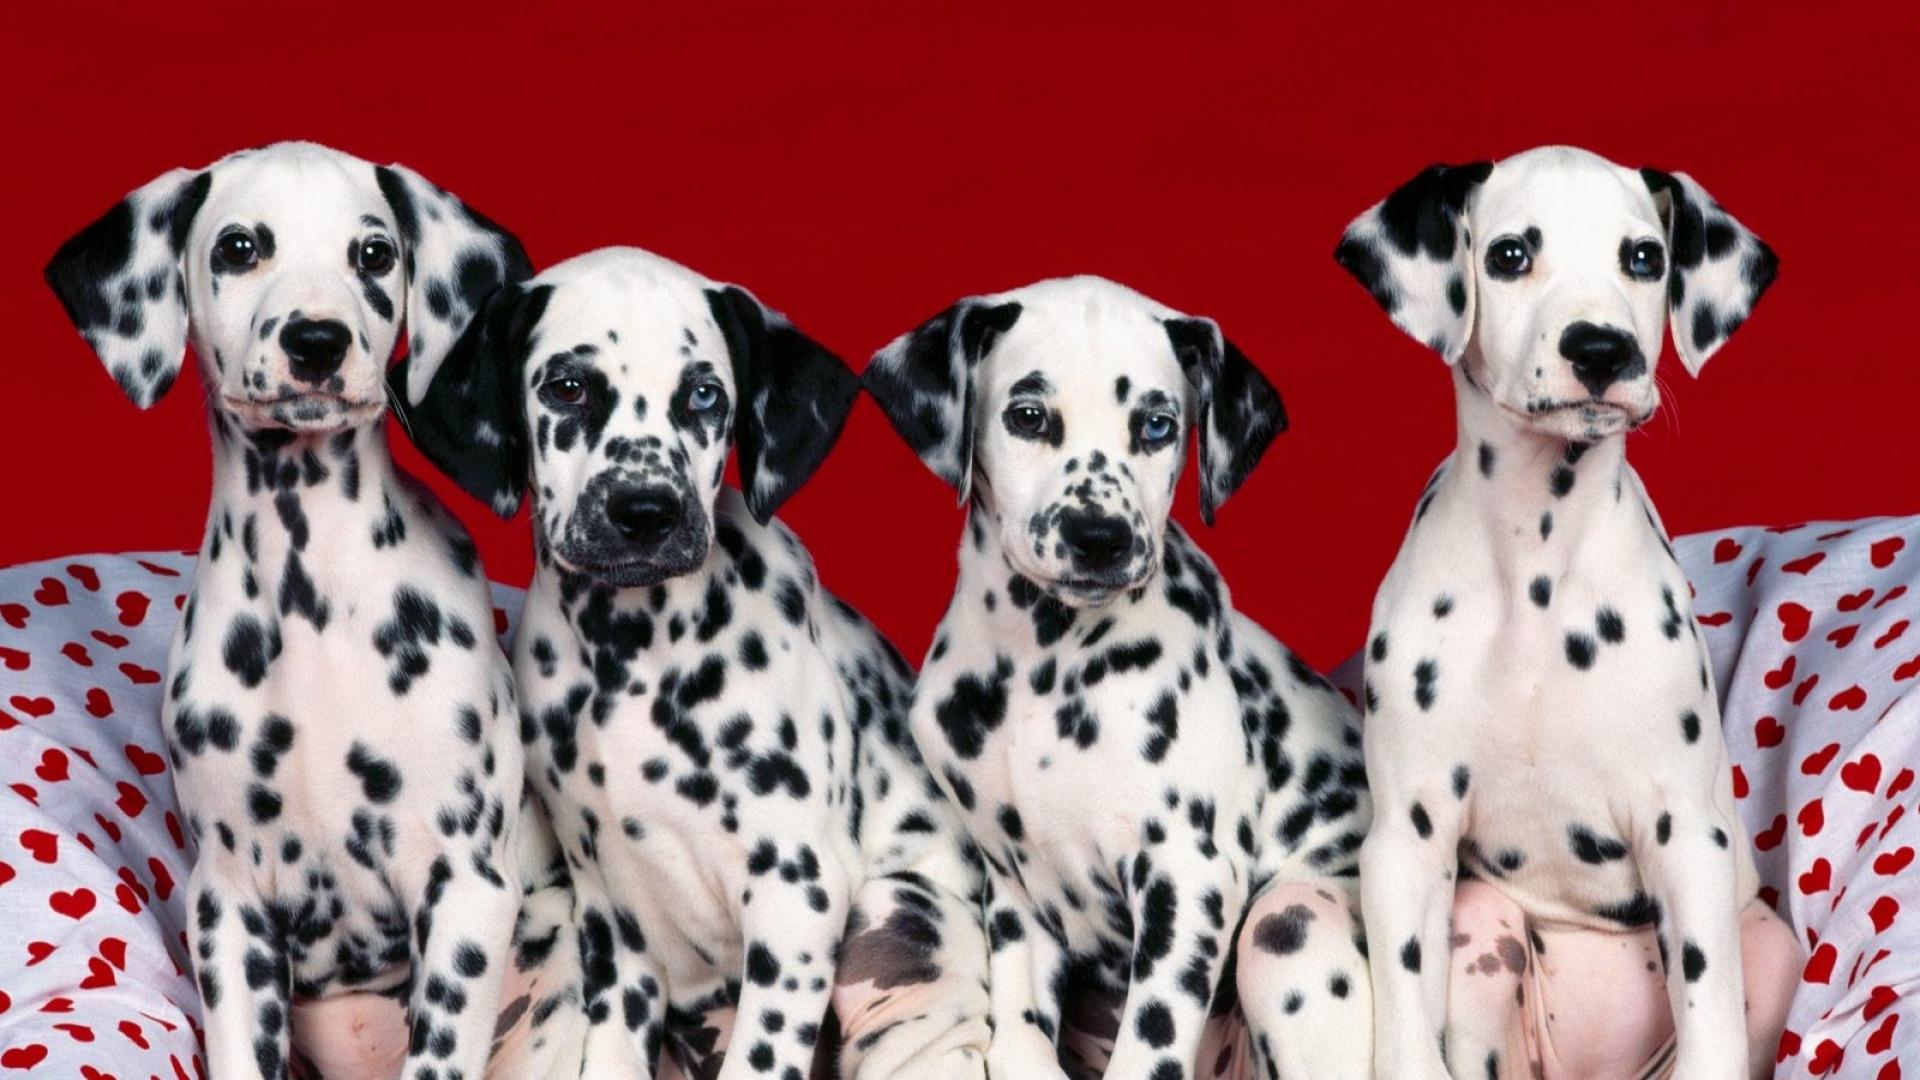 Dalmation Dog Full HD Wallpaper 1920x1080